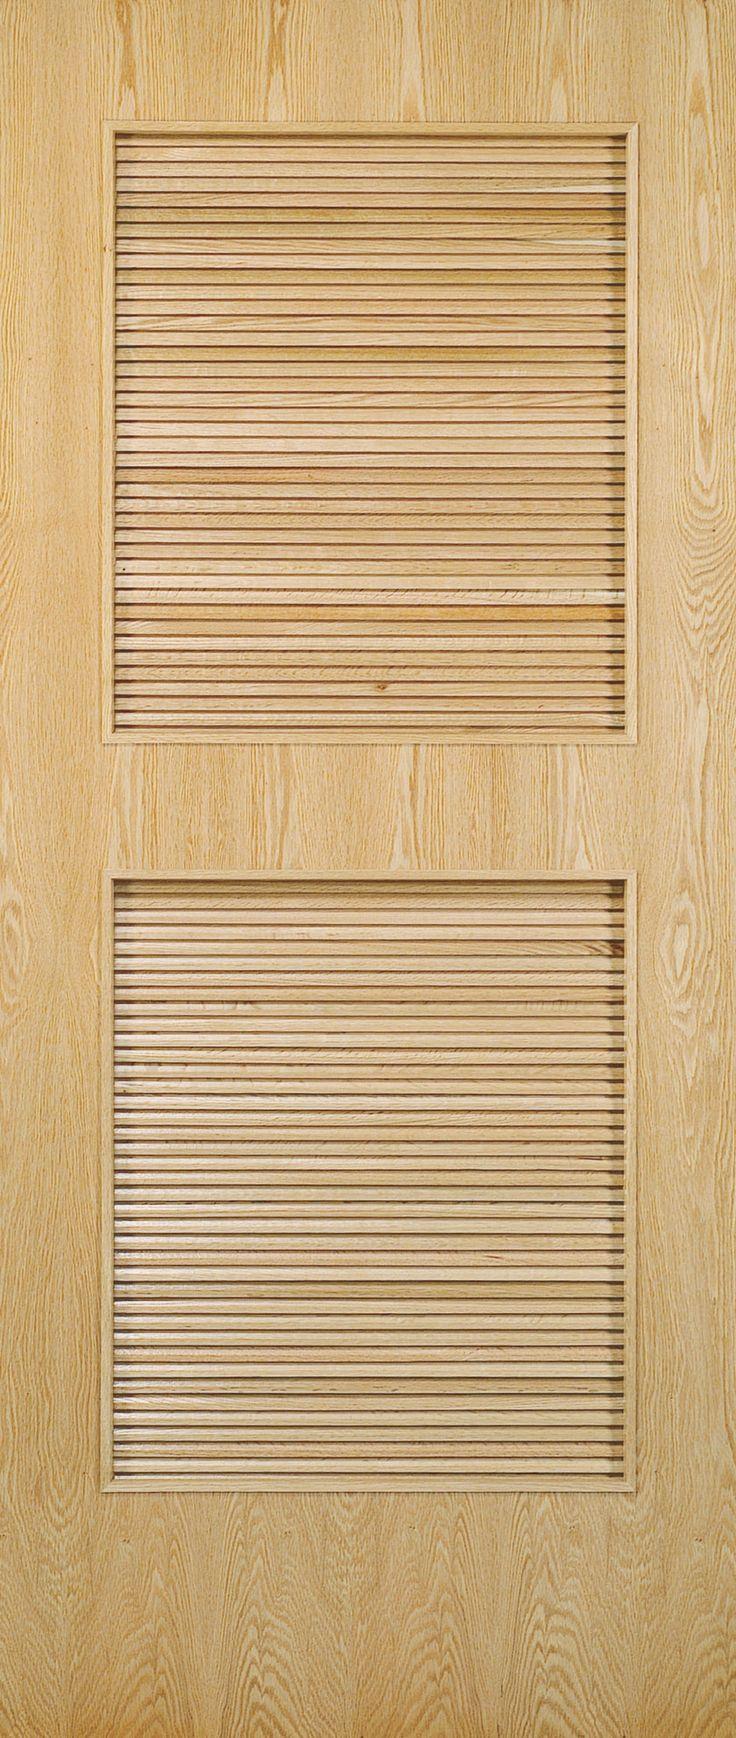 Lambton Doors | Portes Lambton : manufacturier de portes commerciales et architecturales